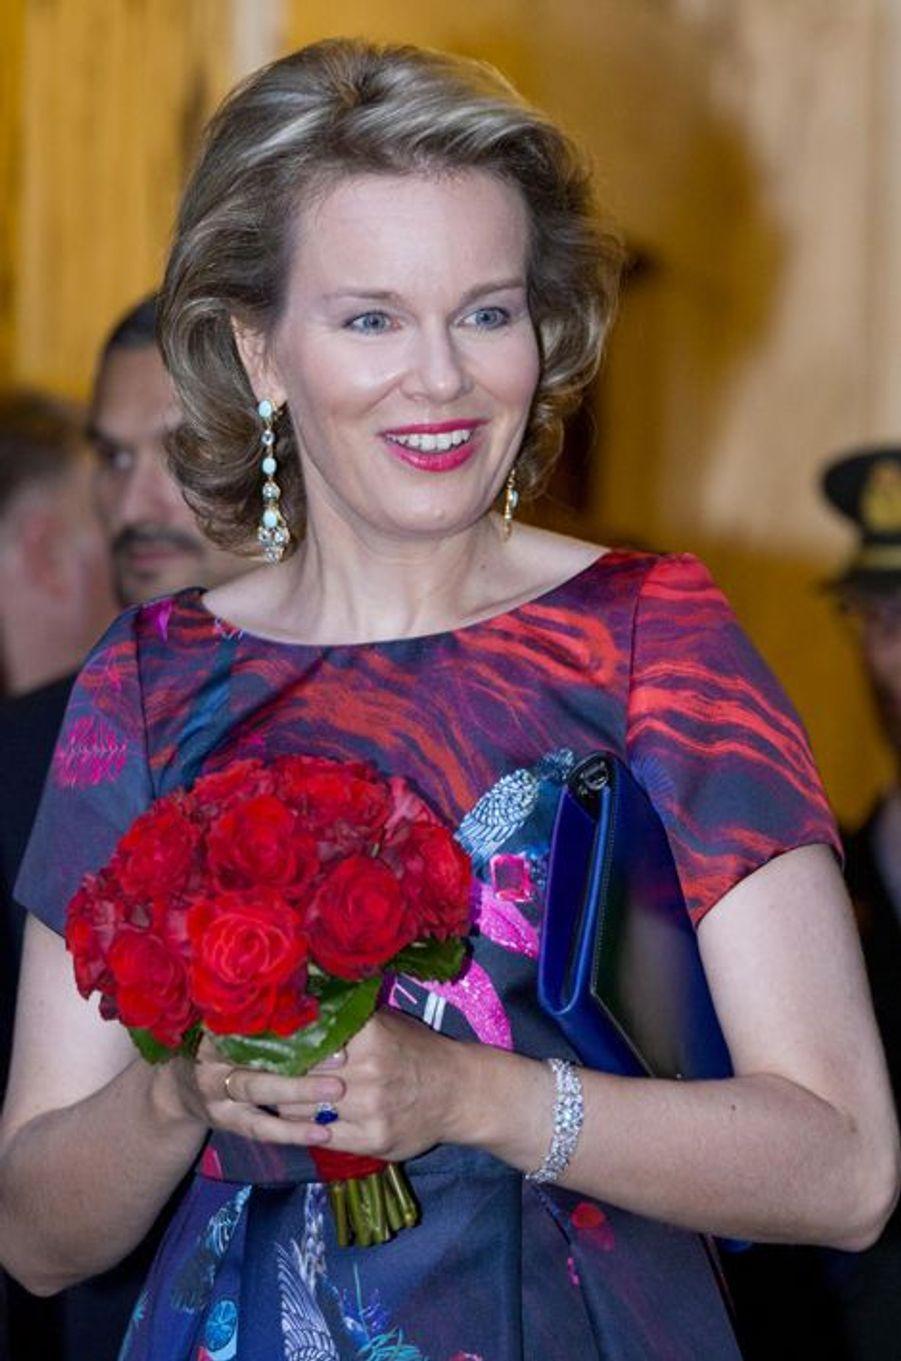 La reine Mathilde de Belgique, accompagnée du roi Philippe, au palais des Arts de Bruxelles pour la fête nationale, 20 juillet 2015